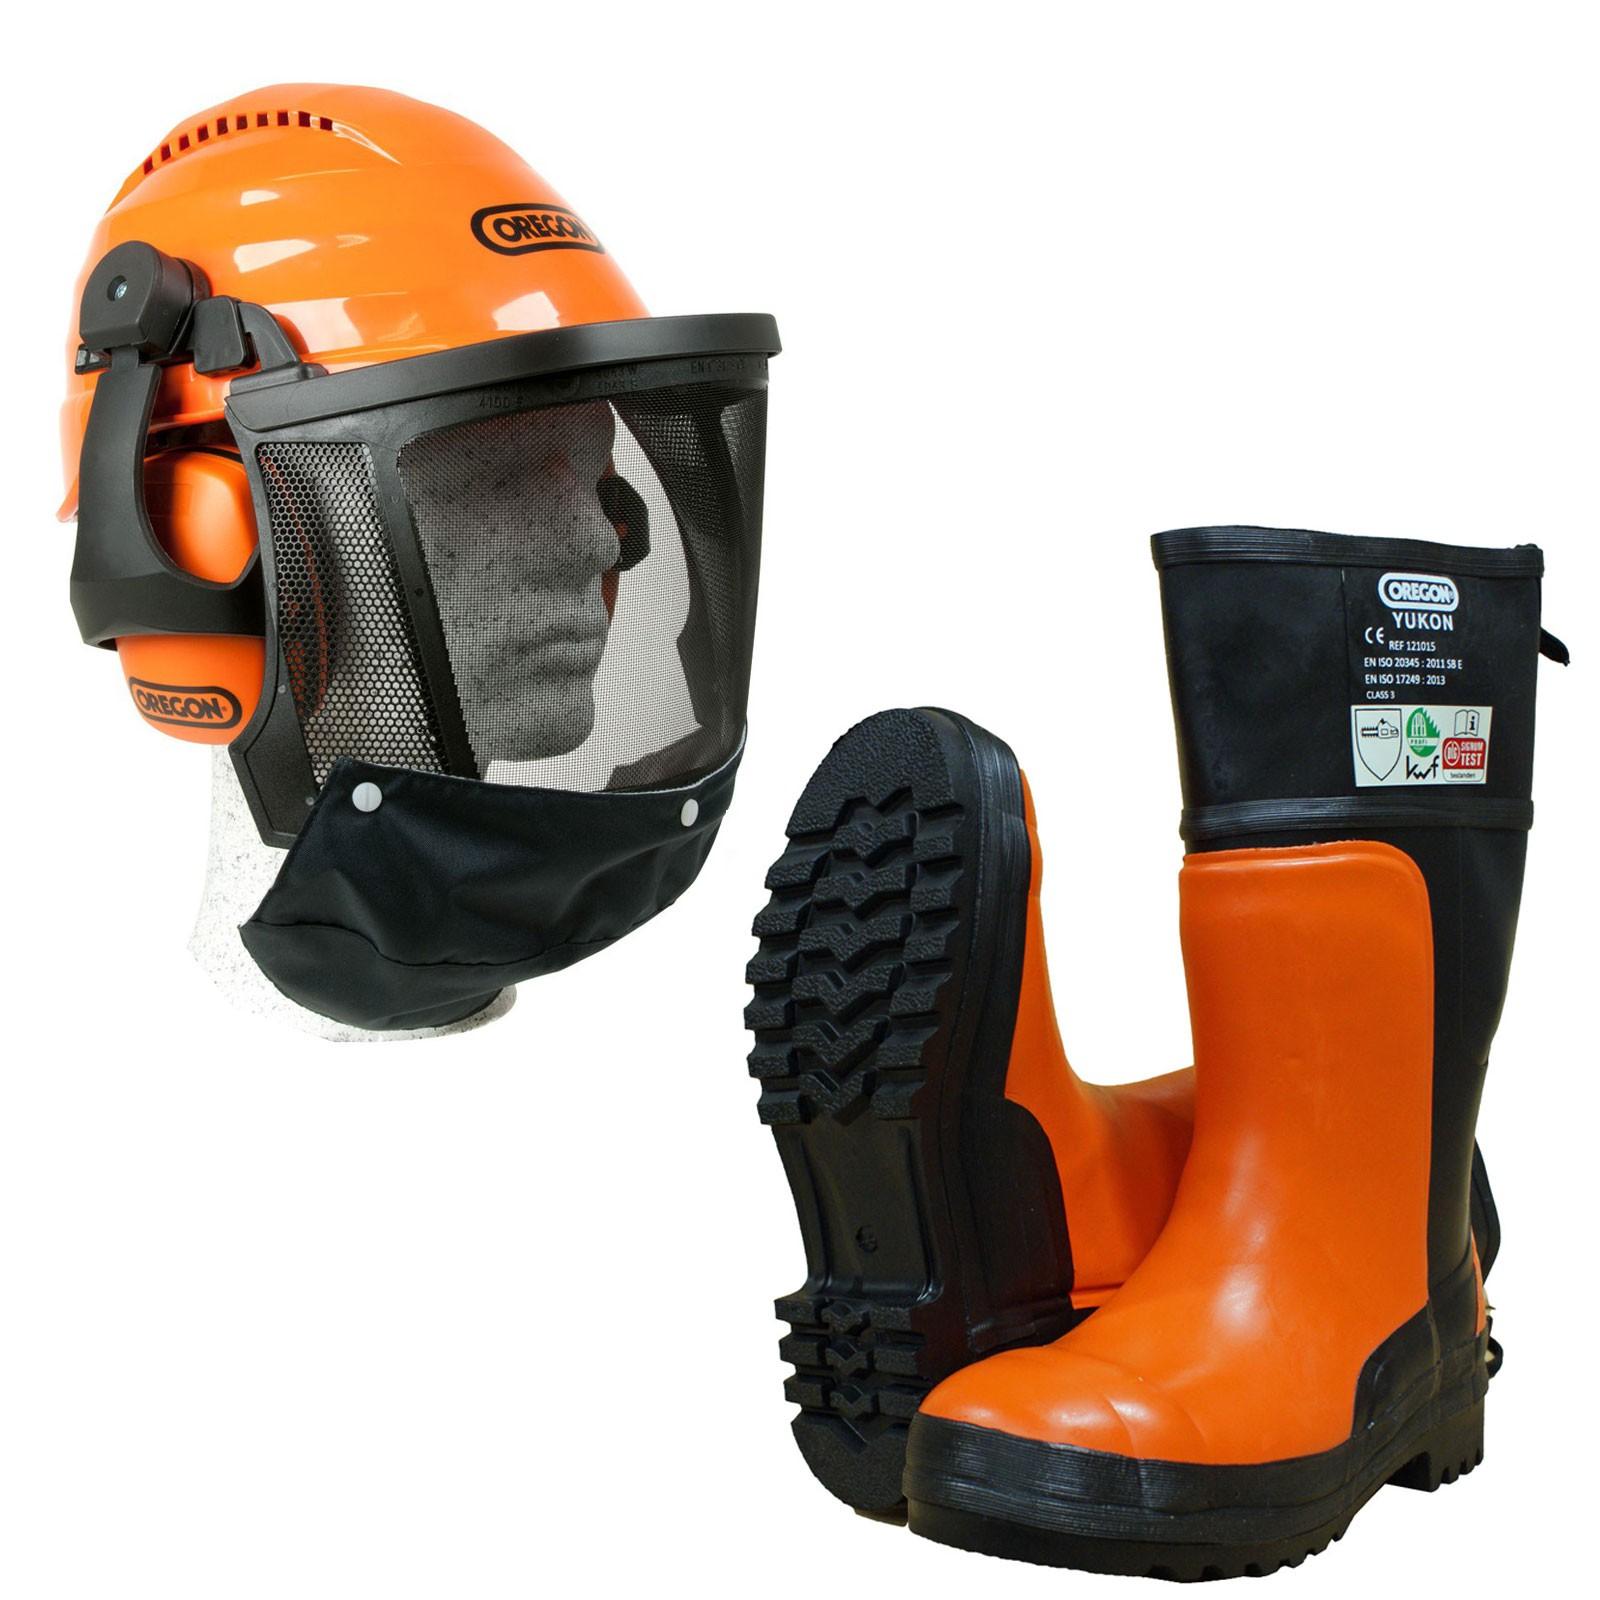 KWF FPA Forst Schnittschutz Set 2-tlg Oregon Helm + Stiefel, PSA-Forst, Waldarbeit, Holzarbeit, Kettensäge, Motorsäge, , var-forstset2a1